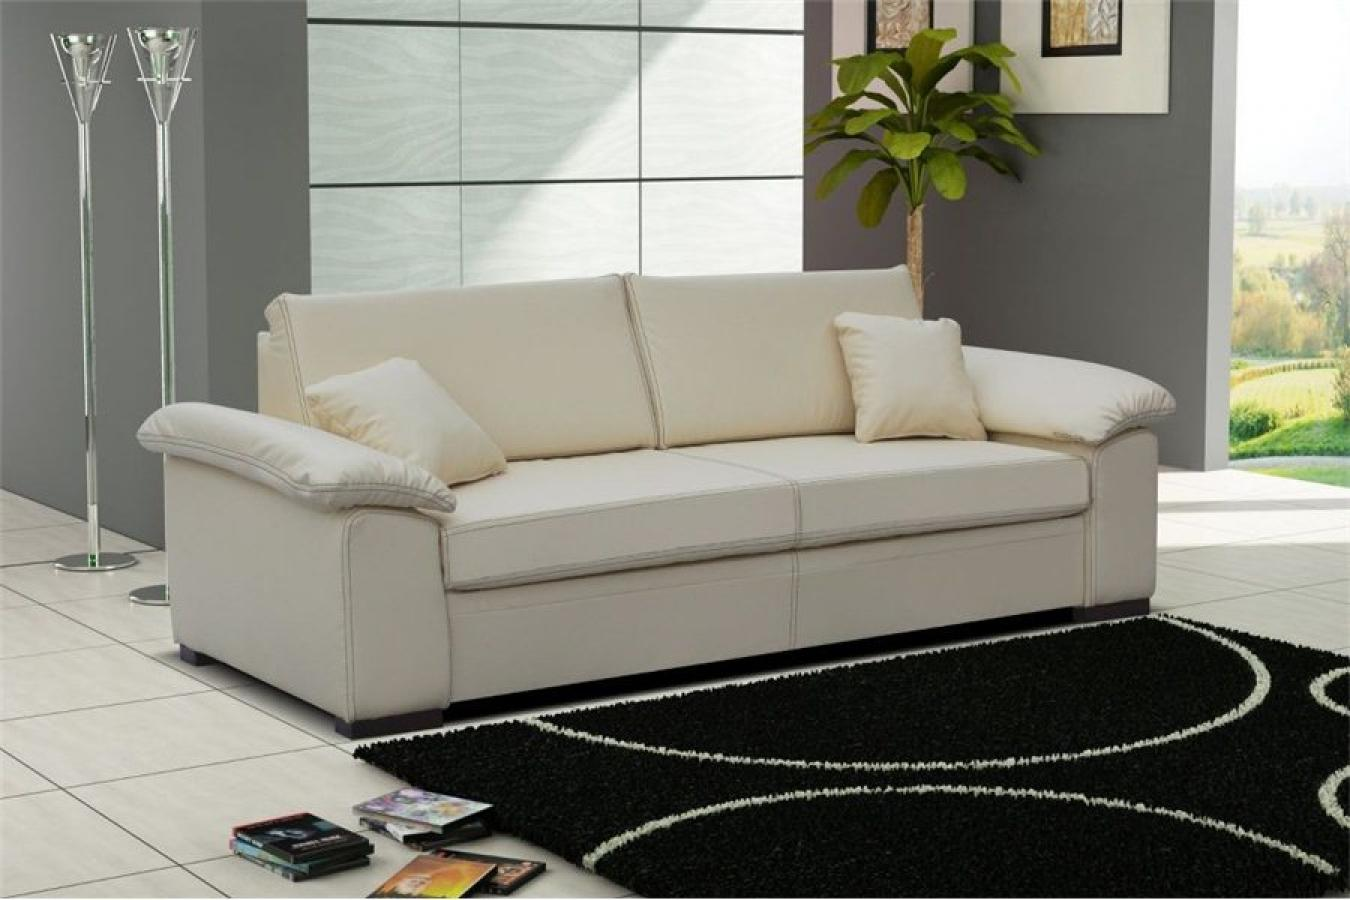 canap rapido ikea convertible design stockholm cm pitement bois canap lit modulable sodezigncom. Black Bedroom Furniture Sets. Home Design Ideas